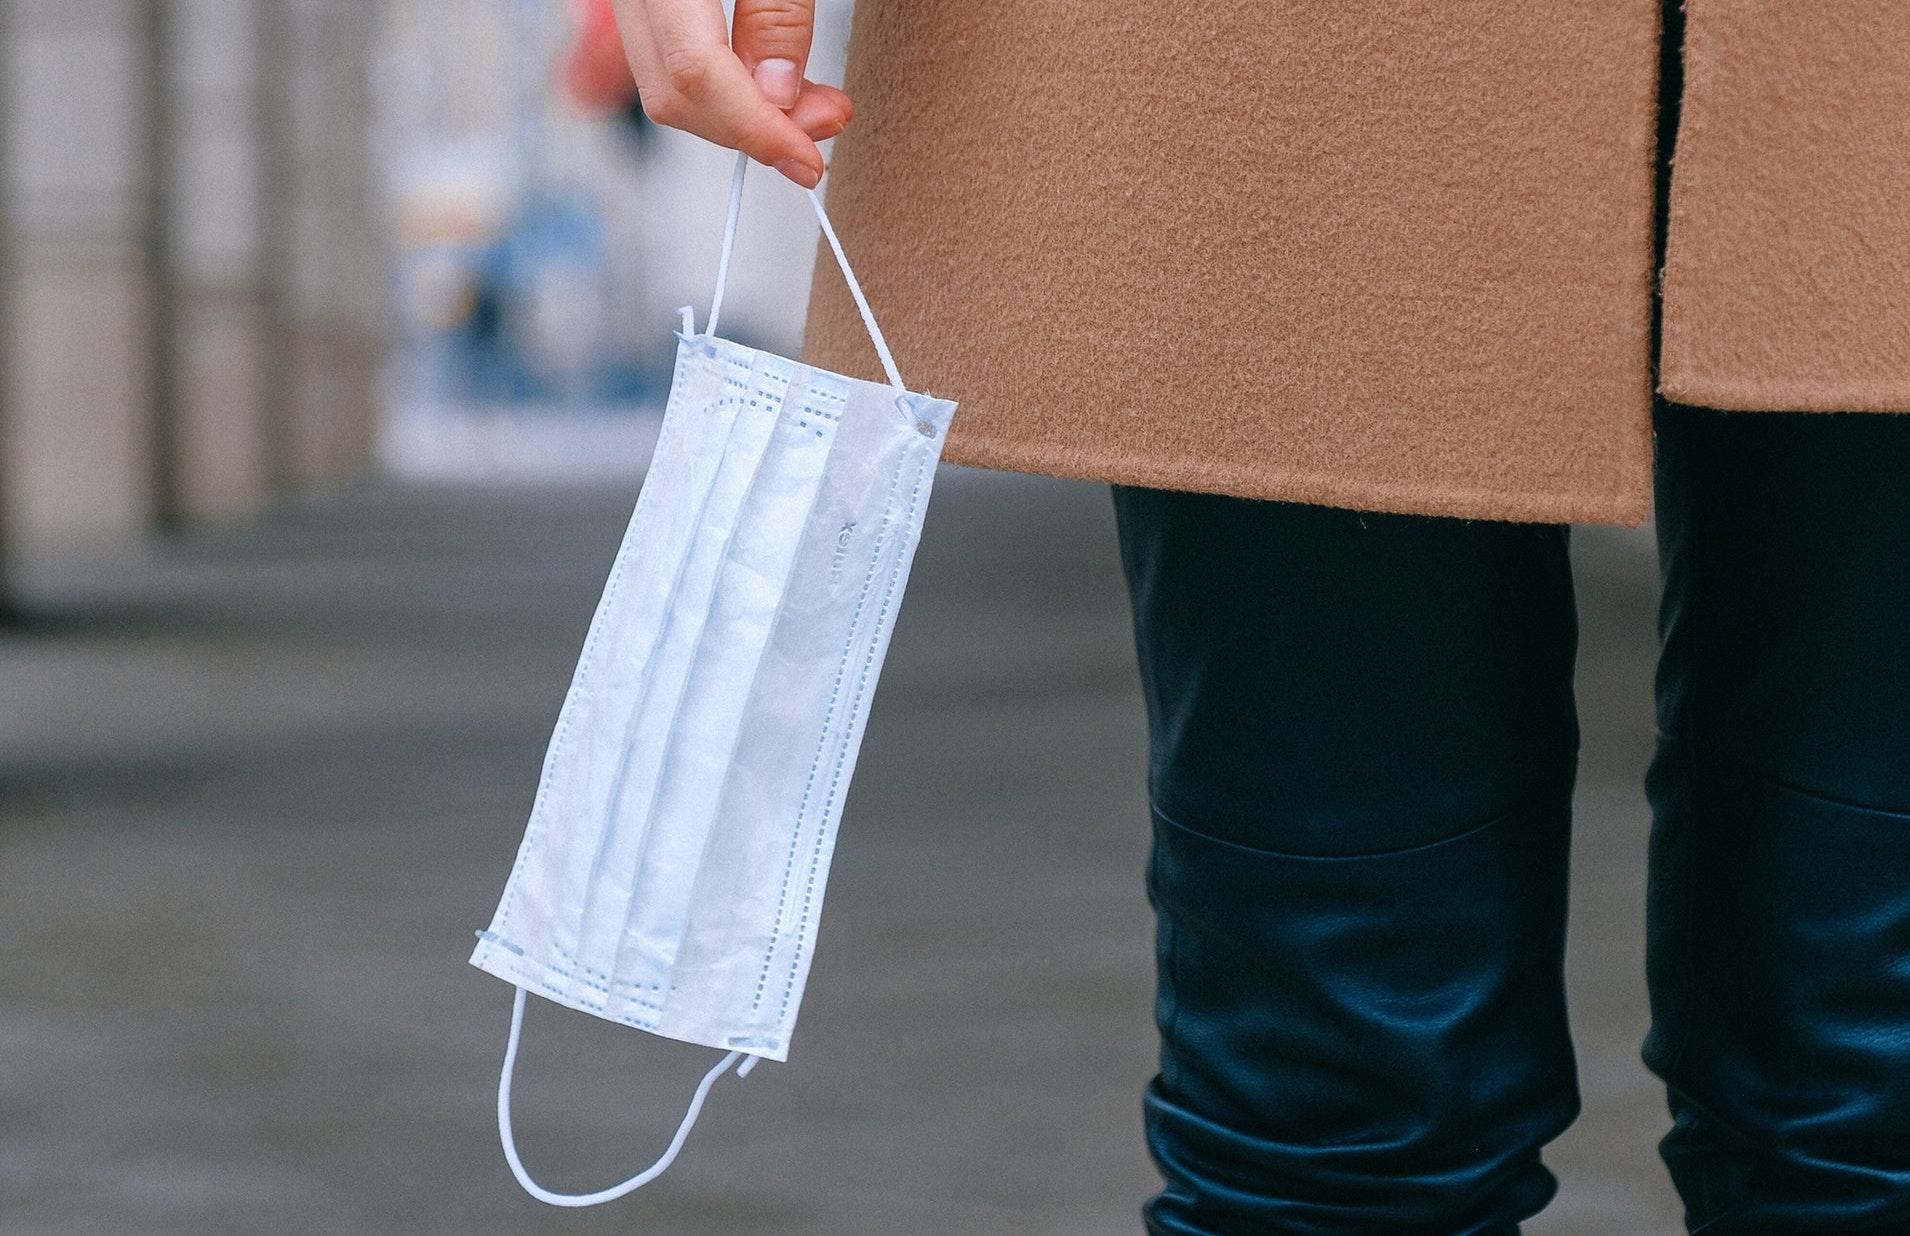 Bild einer Atemschutzmaske